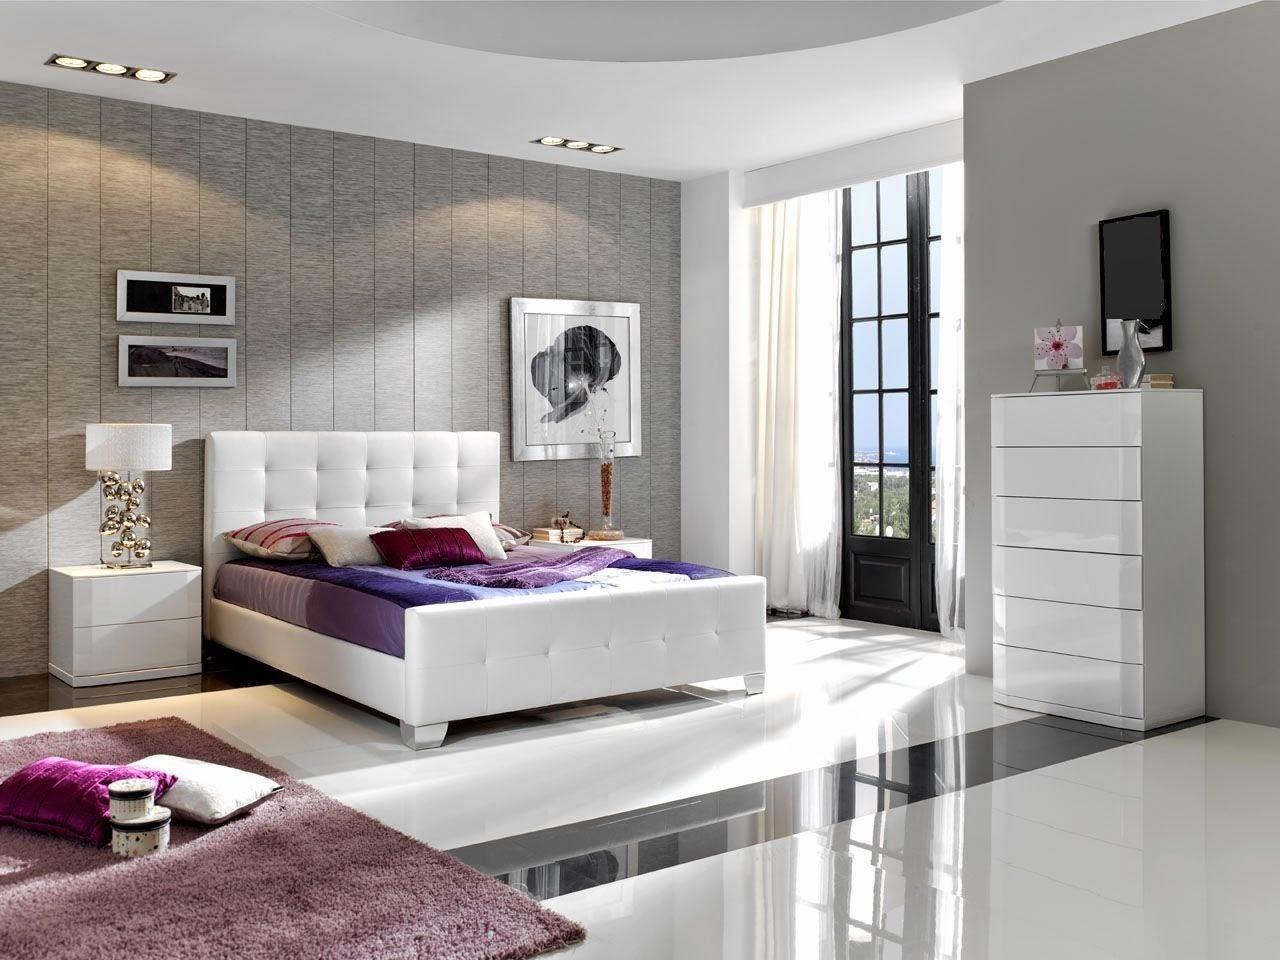 كيف تنظف غرفة نومك باقل وقت